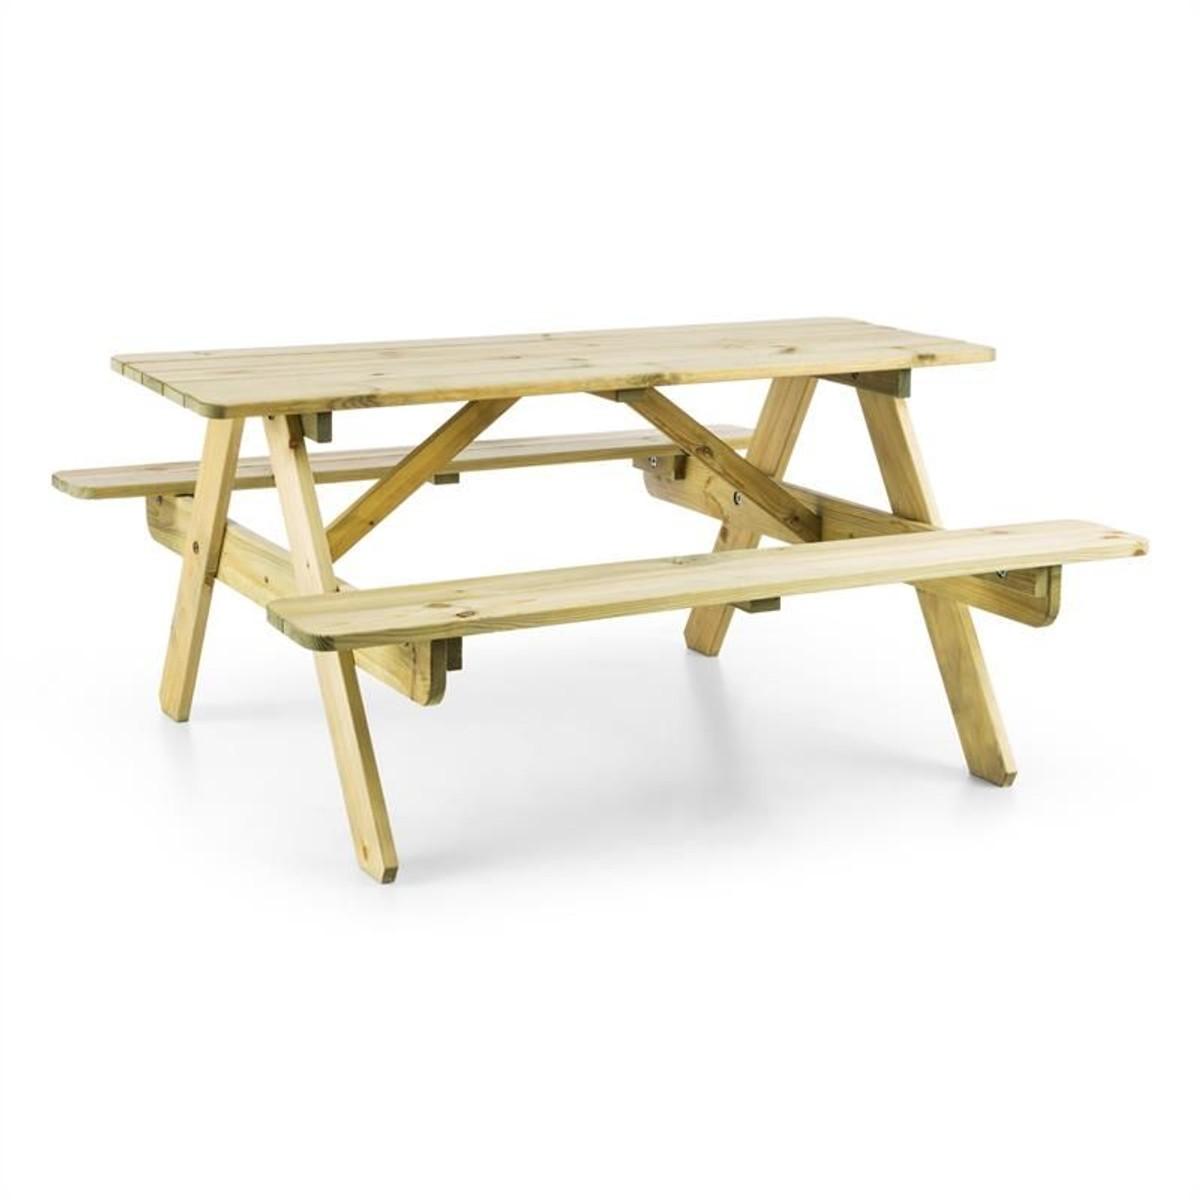 Table De Pique-Nique Avec Banc Meuble Jardin Pour Enfants - Bois ...